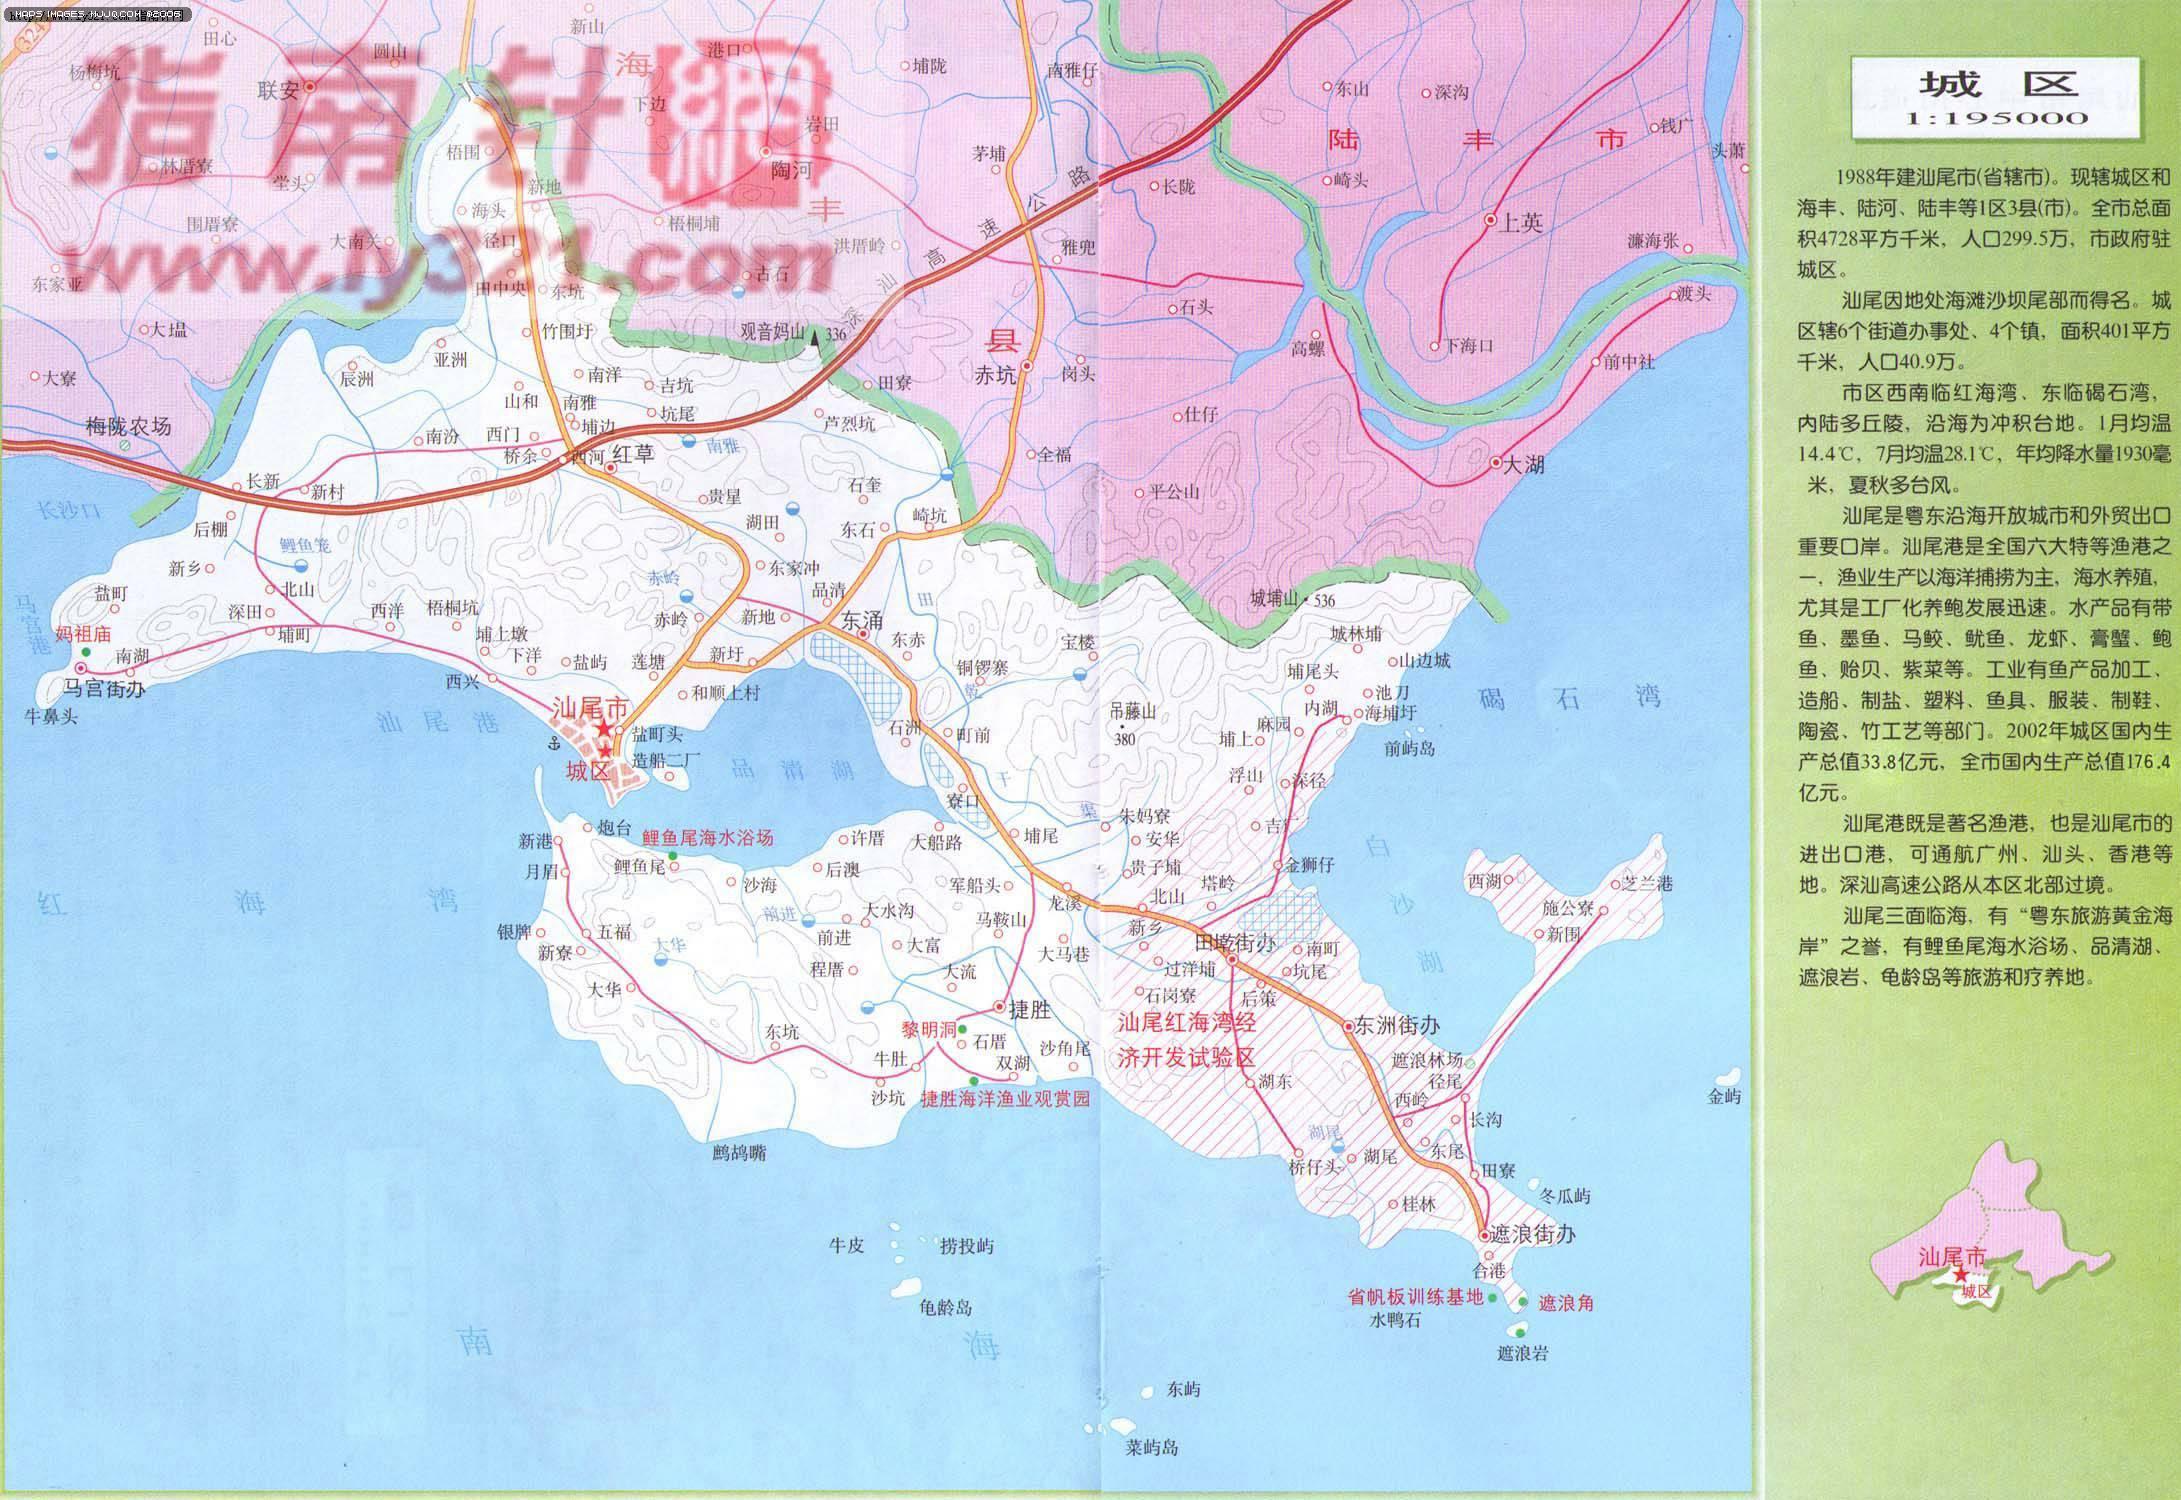 廣東省汕尾市城區地圖 - 廣東旅遊地圖 中國地圖 - 美景旅遊網